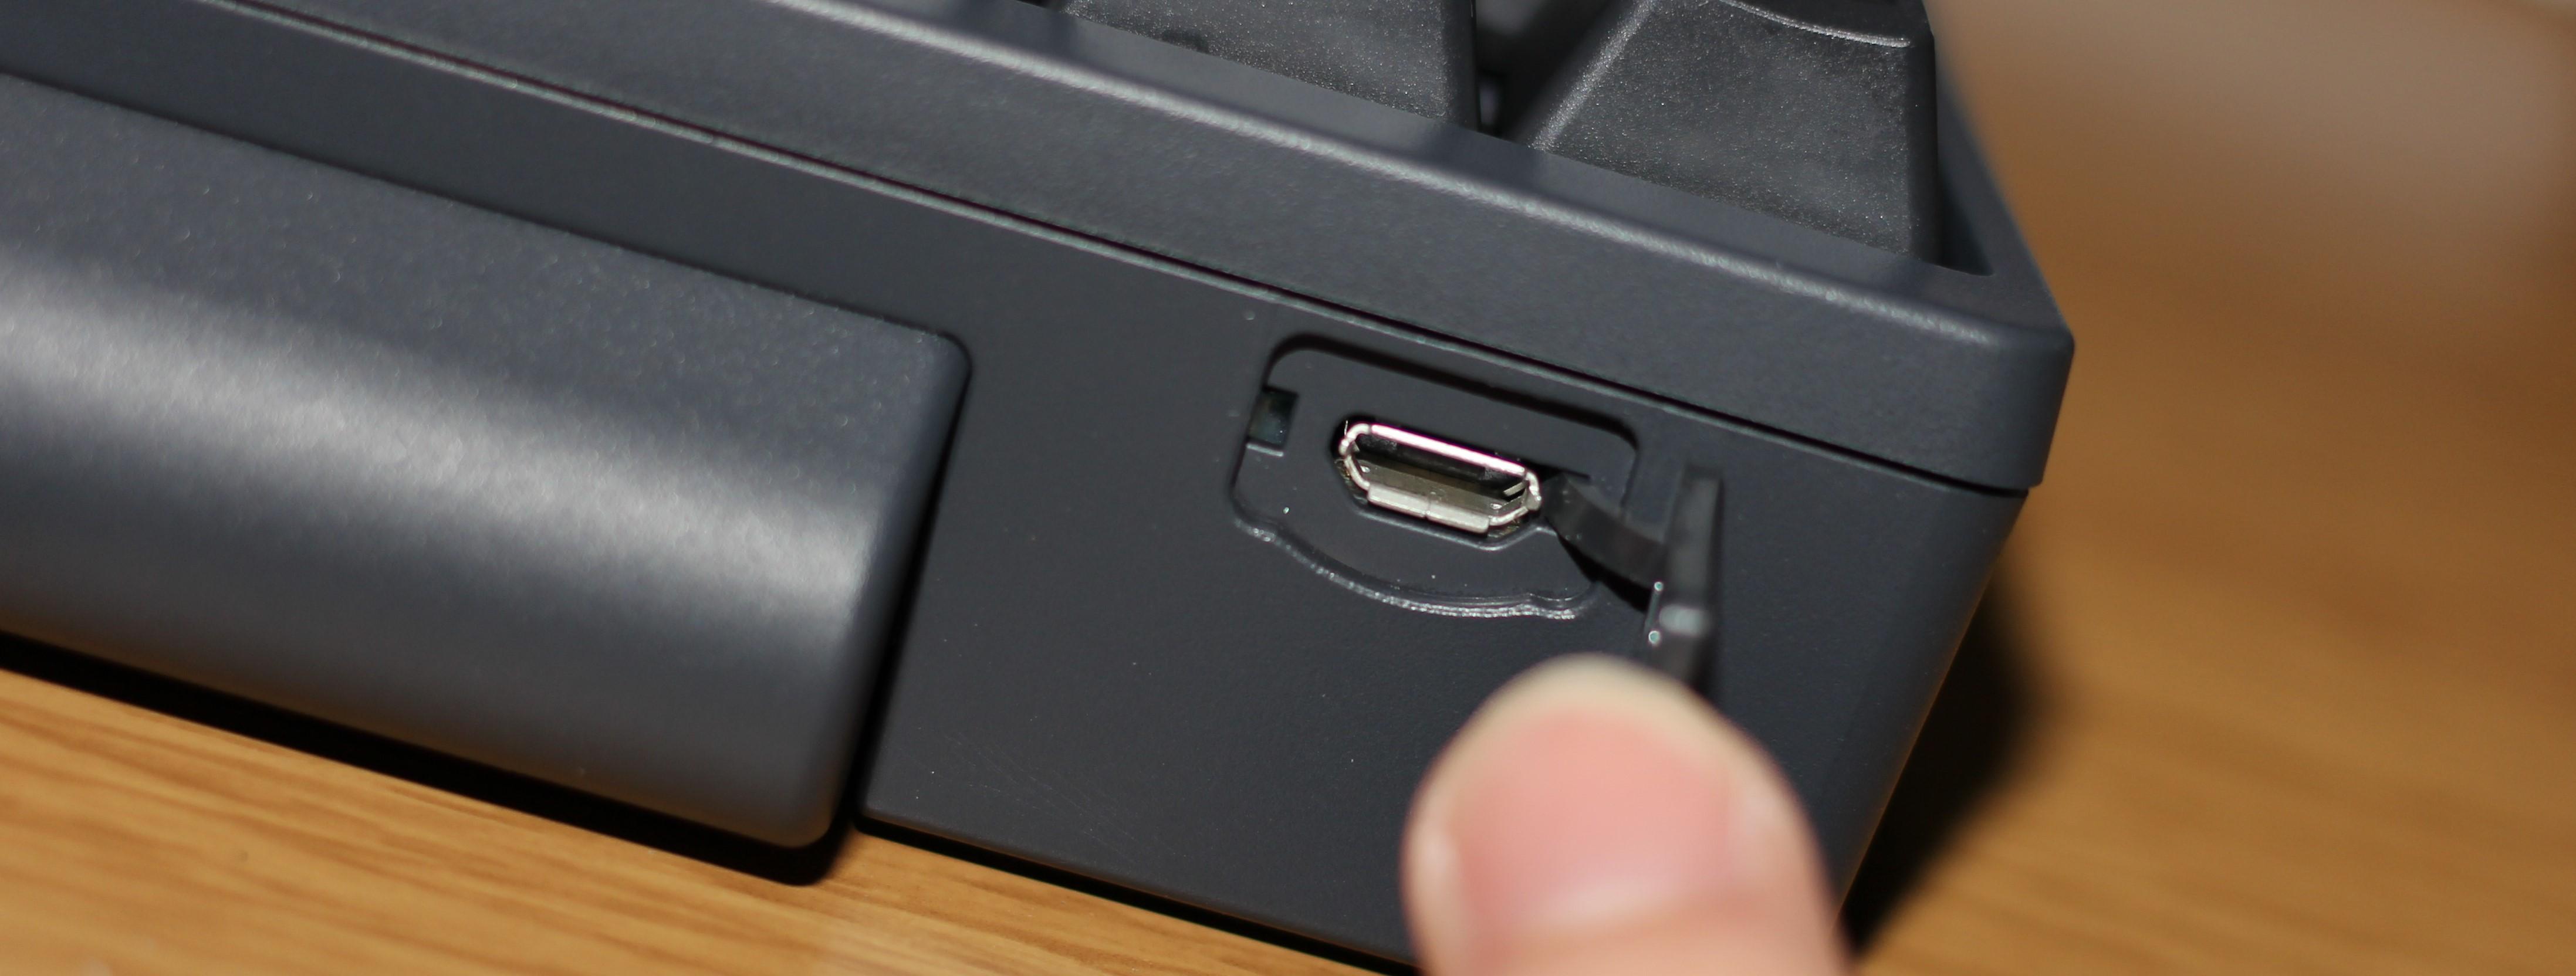 給電専用USBポート